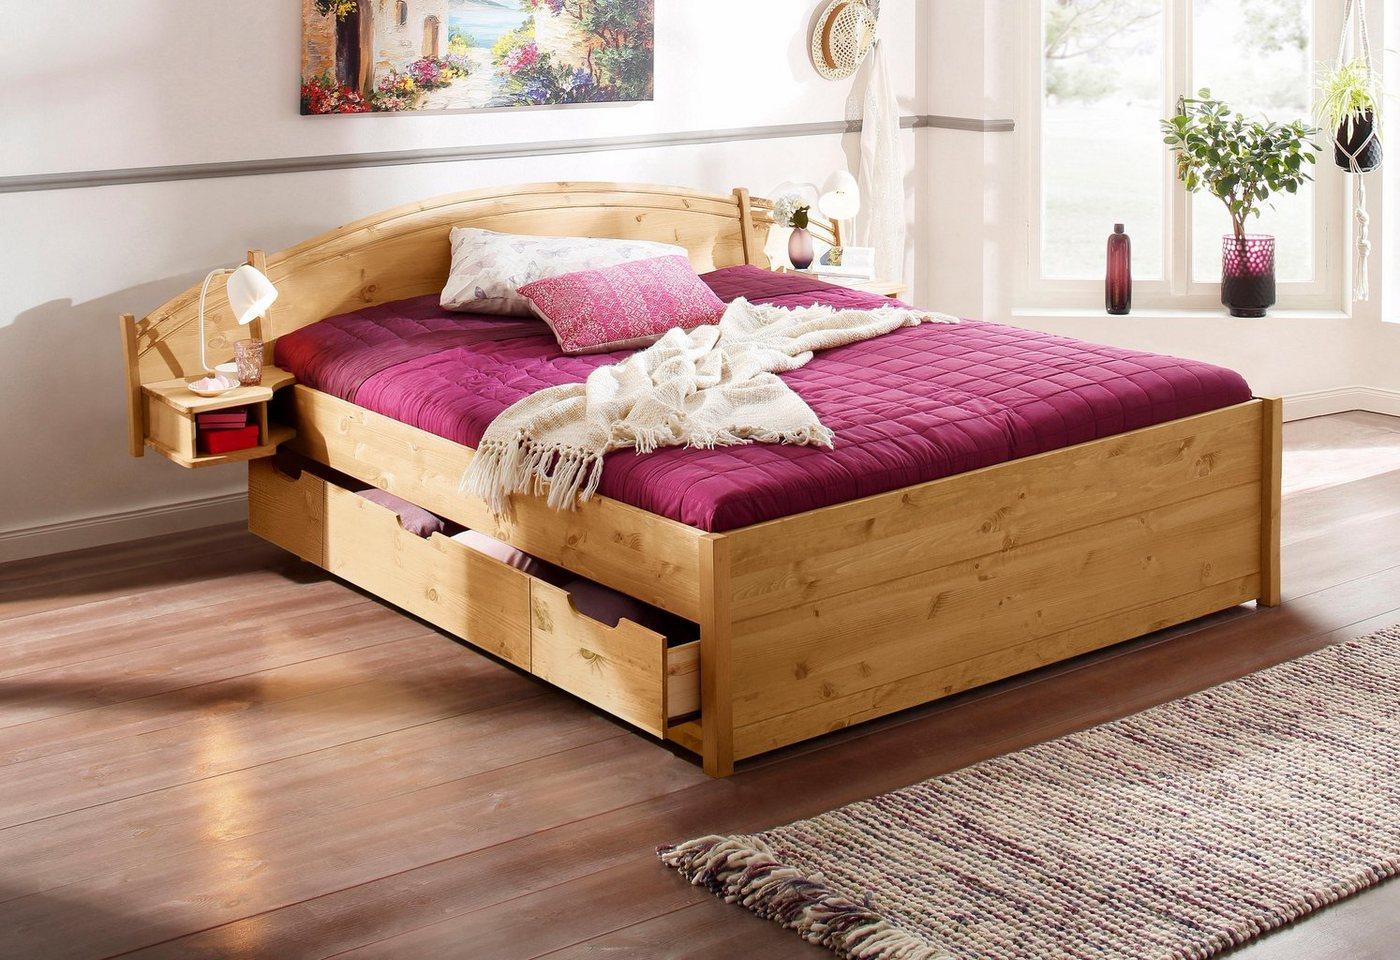 HOME AFFAIRE ledikant Sofia, met geïntegreerde nachtkastjes, verschillende breedten en 2 kleuren